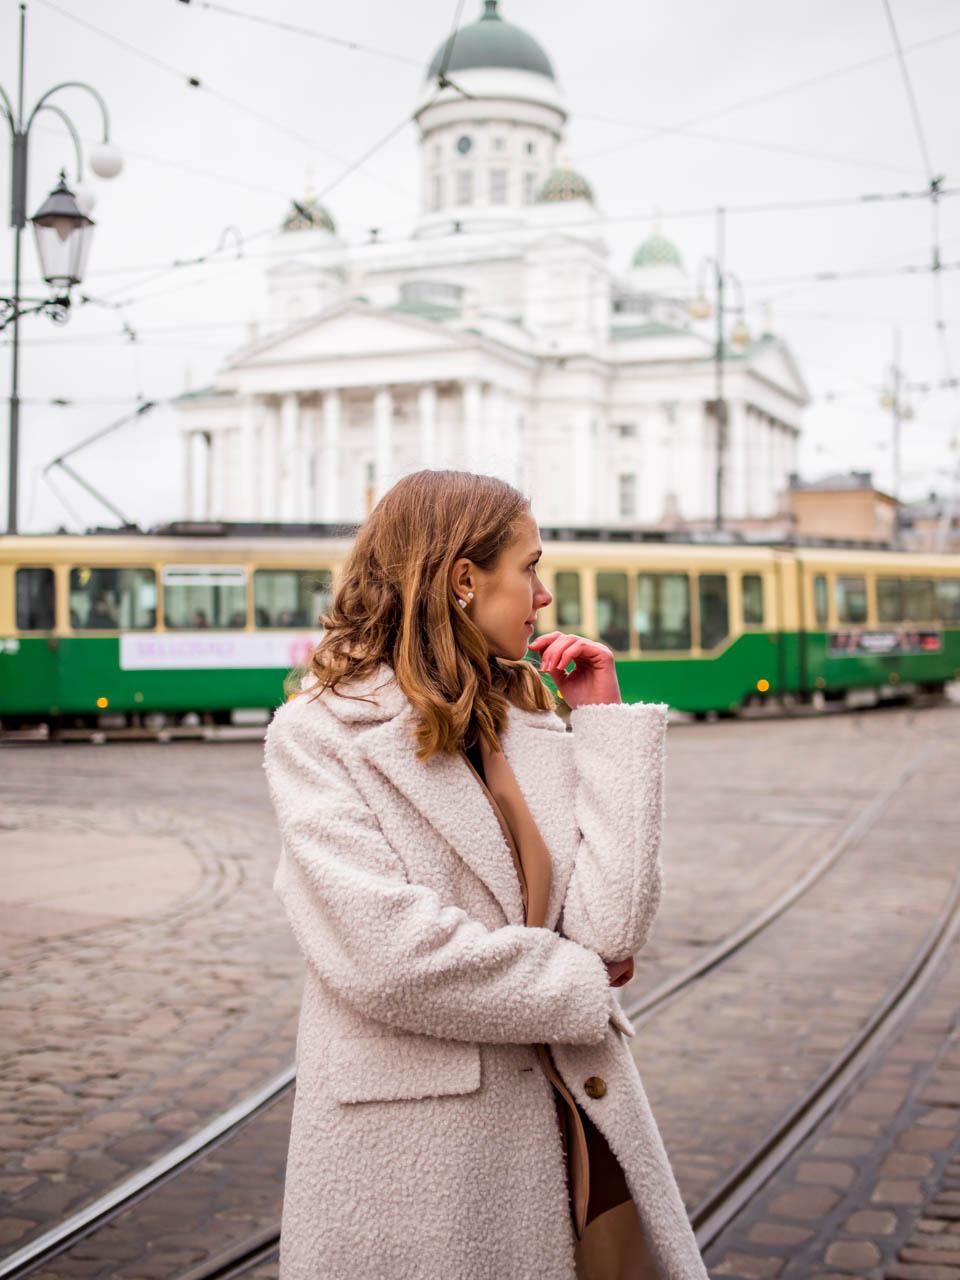 Winter street style, Helsinki Cathedral, Finland - Talvimuoti, Helsingin Tuomiokirkko